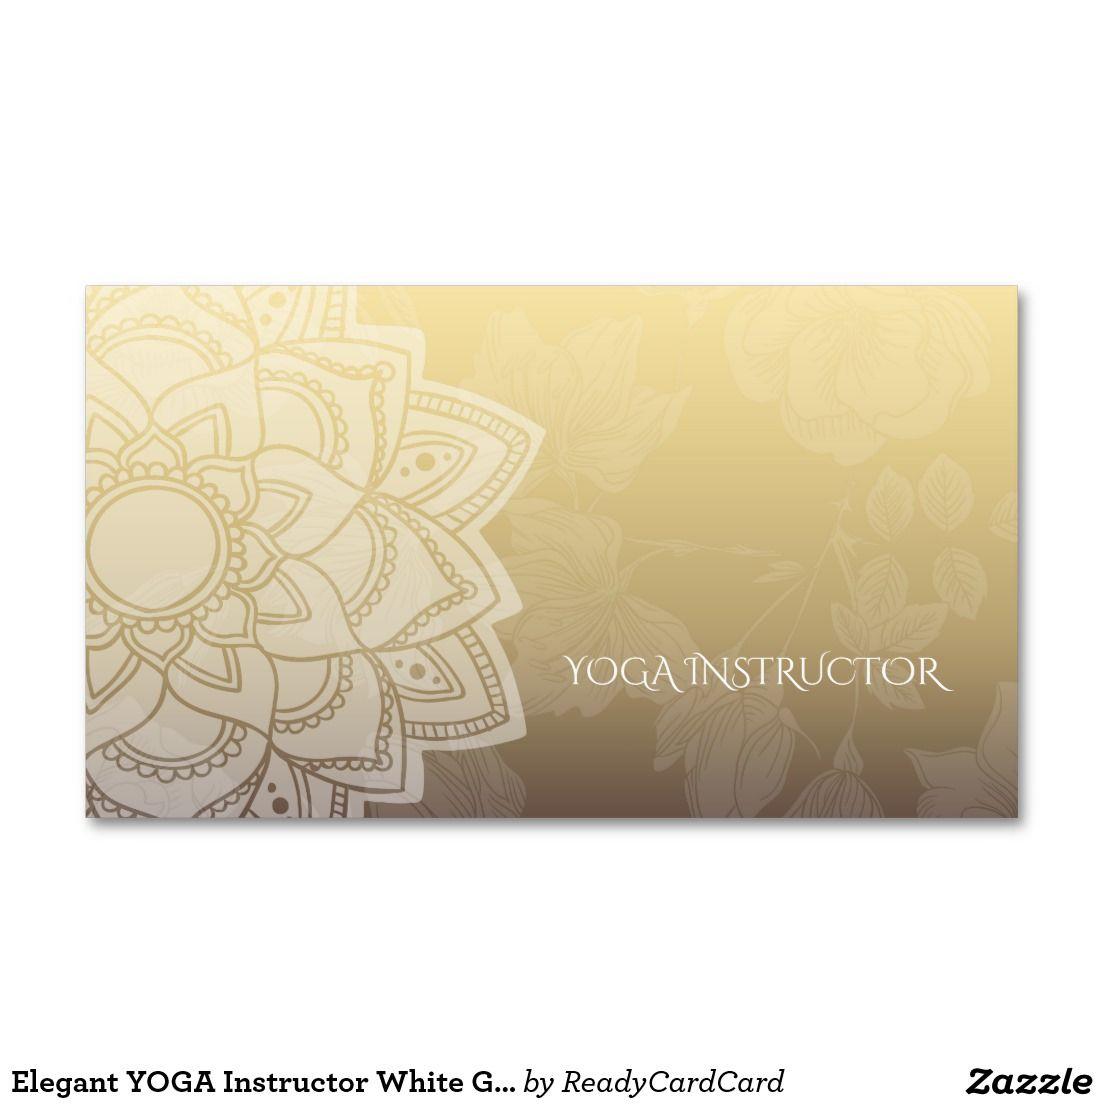 Elegant yoga instructor white gold floral mandala business card elegant yoga instructor white gold floral mandala business card colourmoves